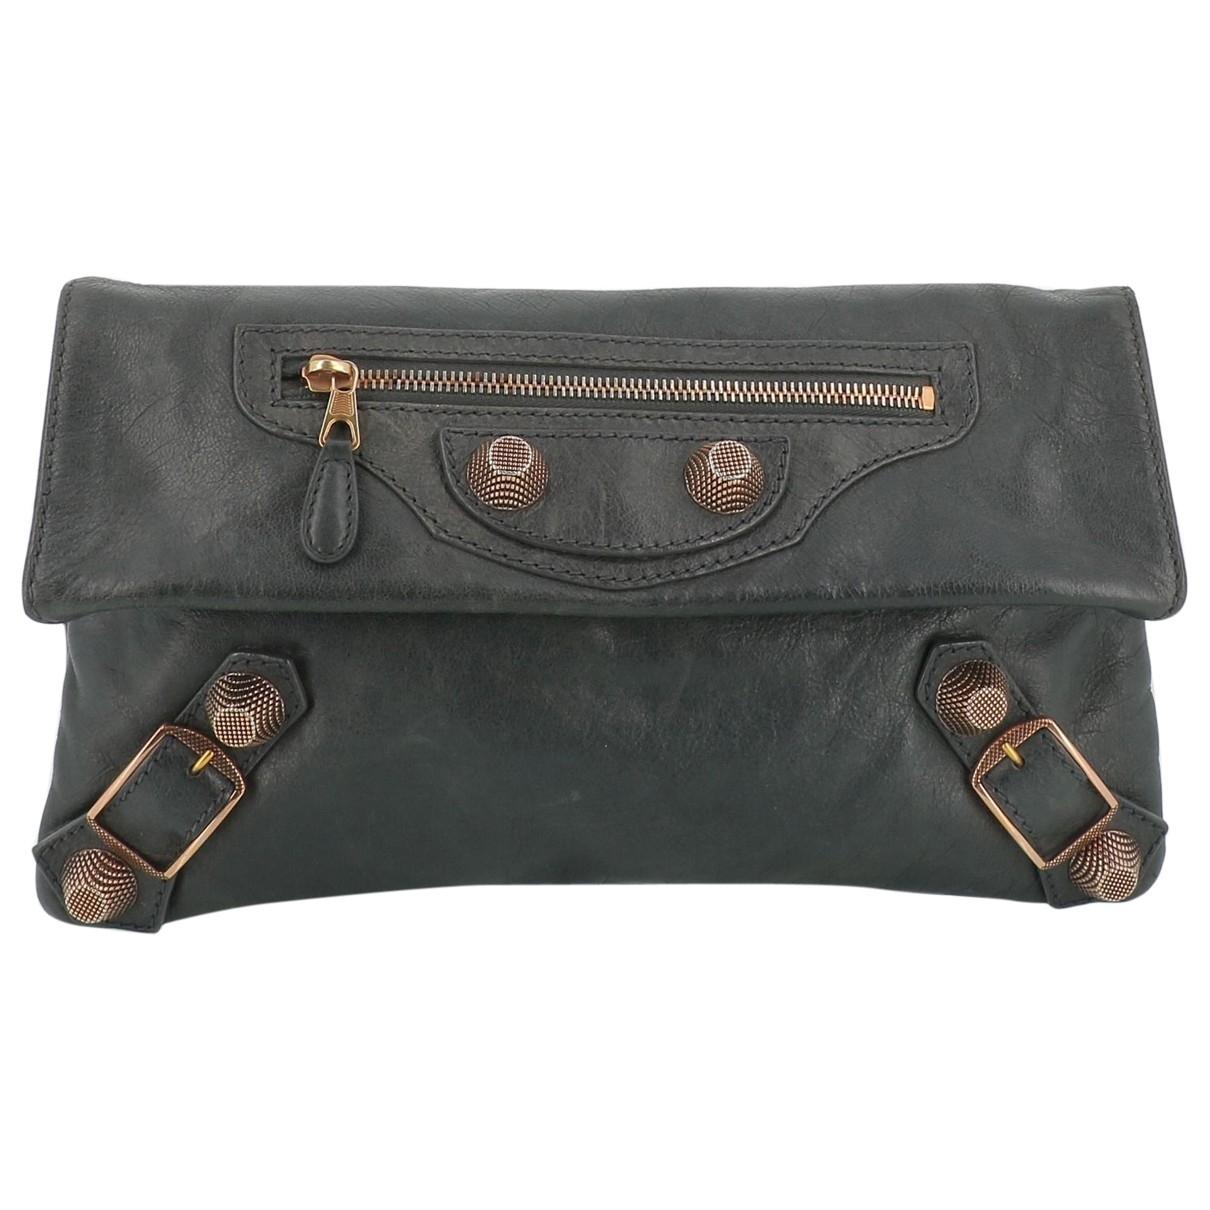 Balenciaga City Grey Leather Clutch bag for Women \N